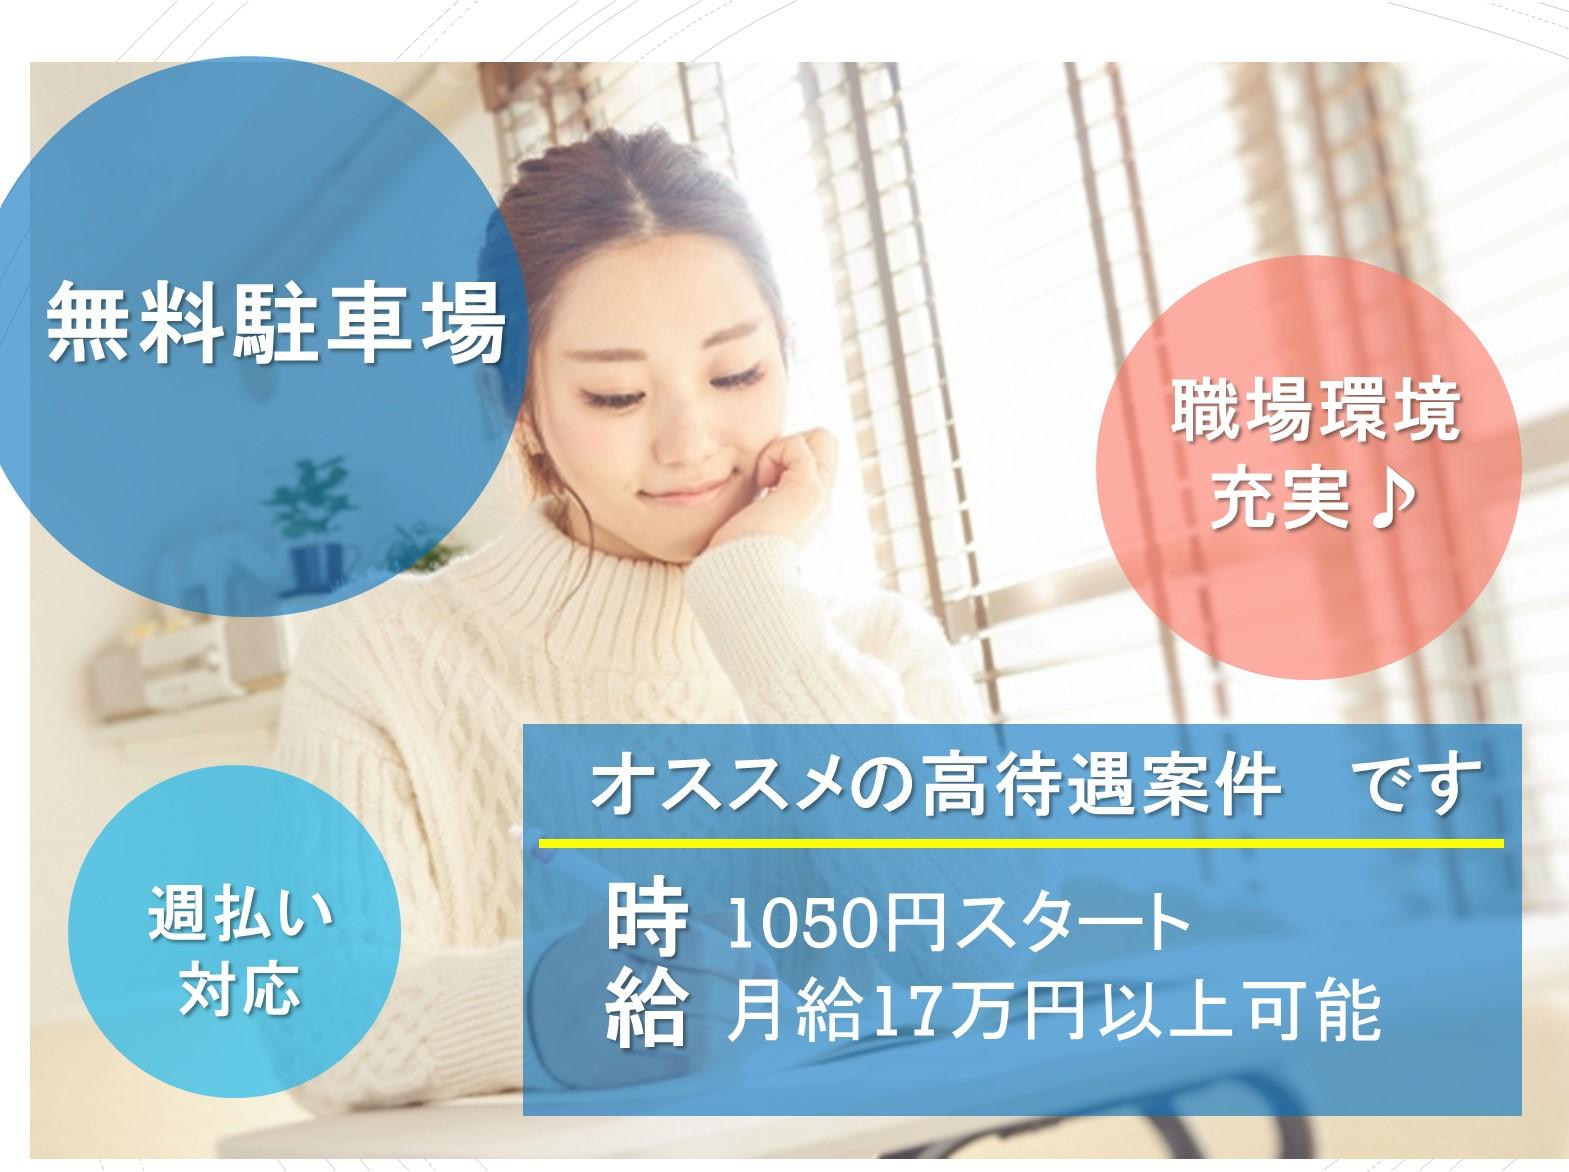 重量物無し!液晶パネルの製造マシンオペレーター 秋田県秋田市 イメージ